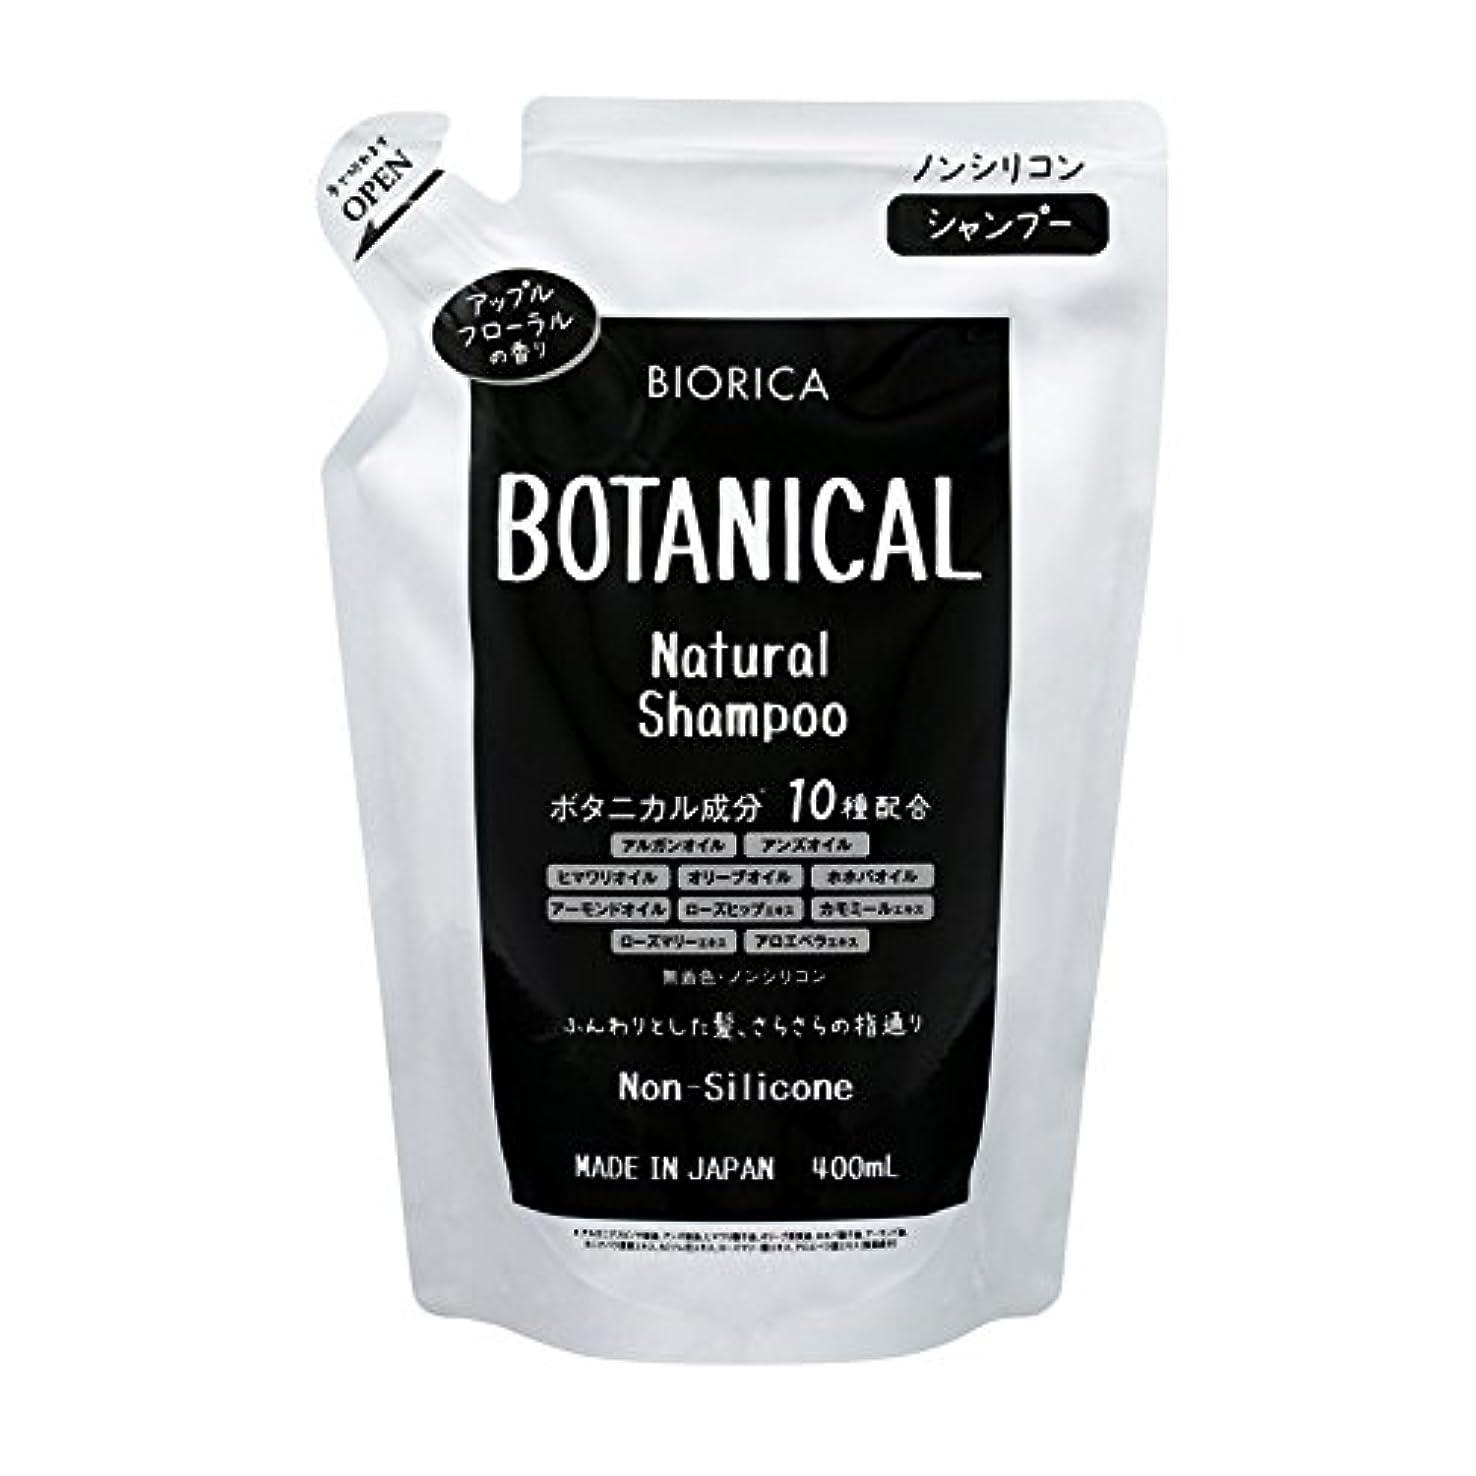 コンサートグラディス勝利したBIORICA ビオリカ ボタニカル ノンシリコン シャンプー 詰め替え アップルフローラルの香り 400ml 日本製